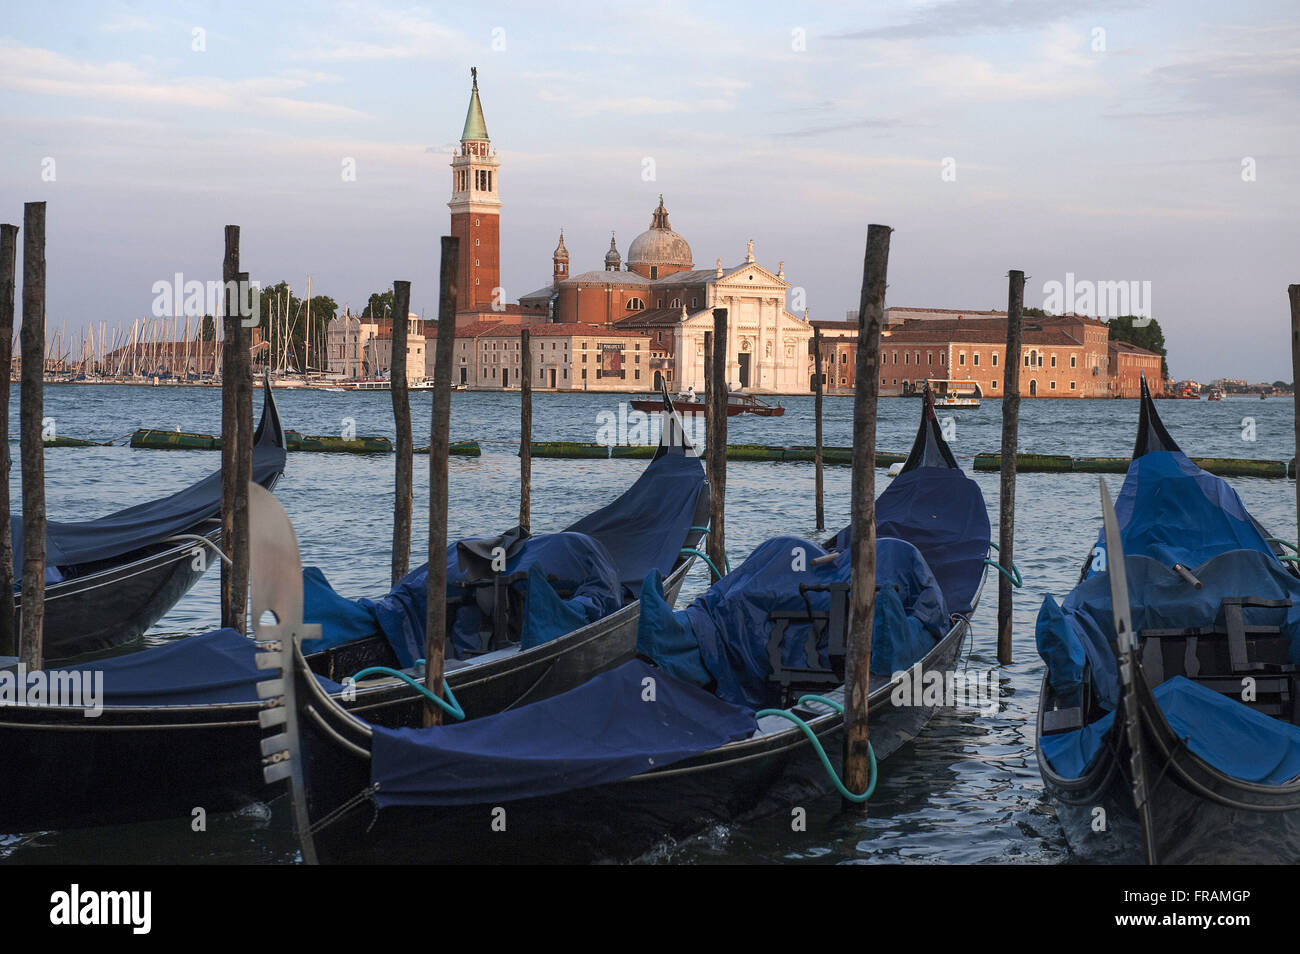 Gondolas anchored in pier of Venice Lagoon - Incidental Belfry and Church of San Giorgio Maggiore - Stock Image